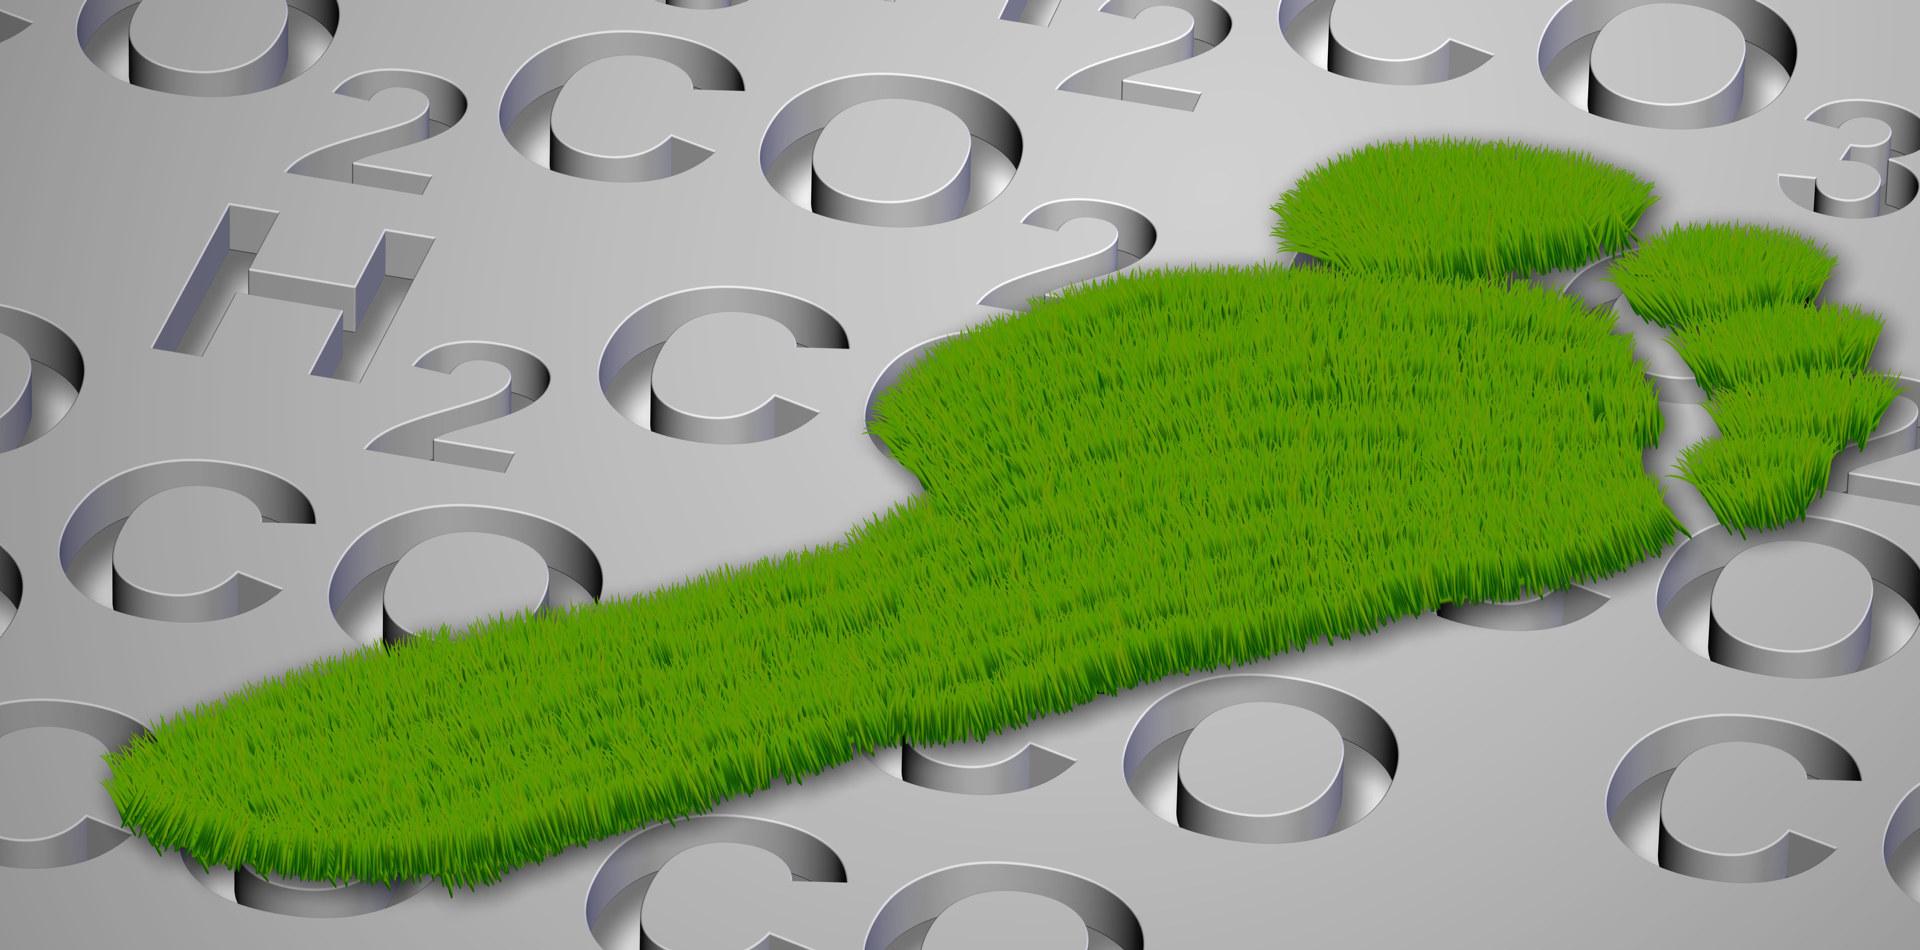 Illustrasjon karbonfotavtrykk